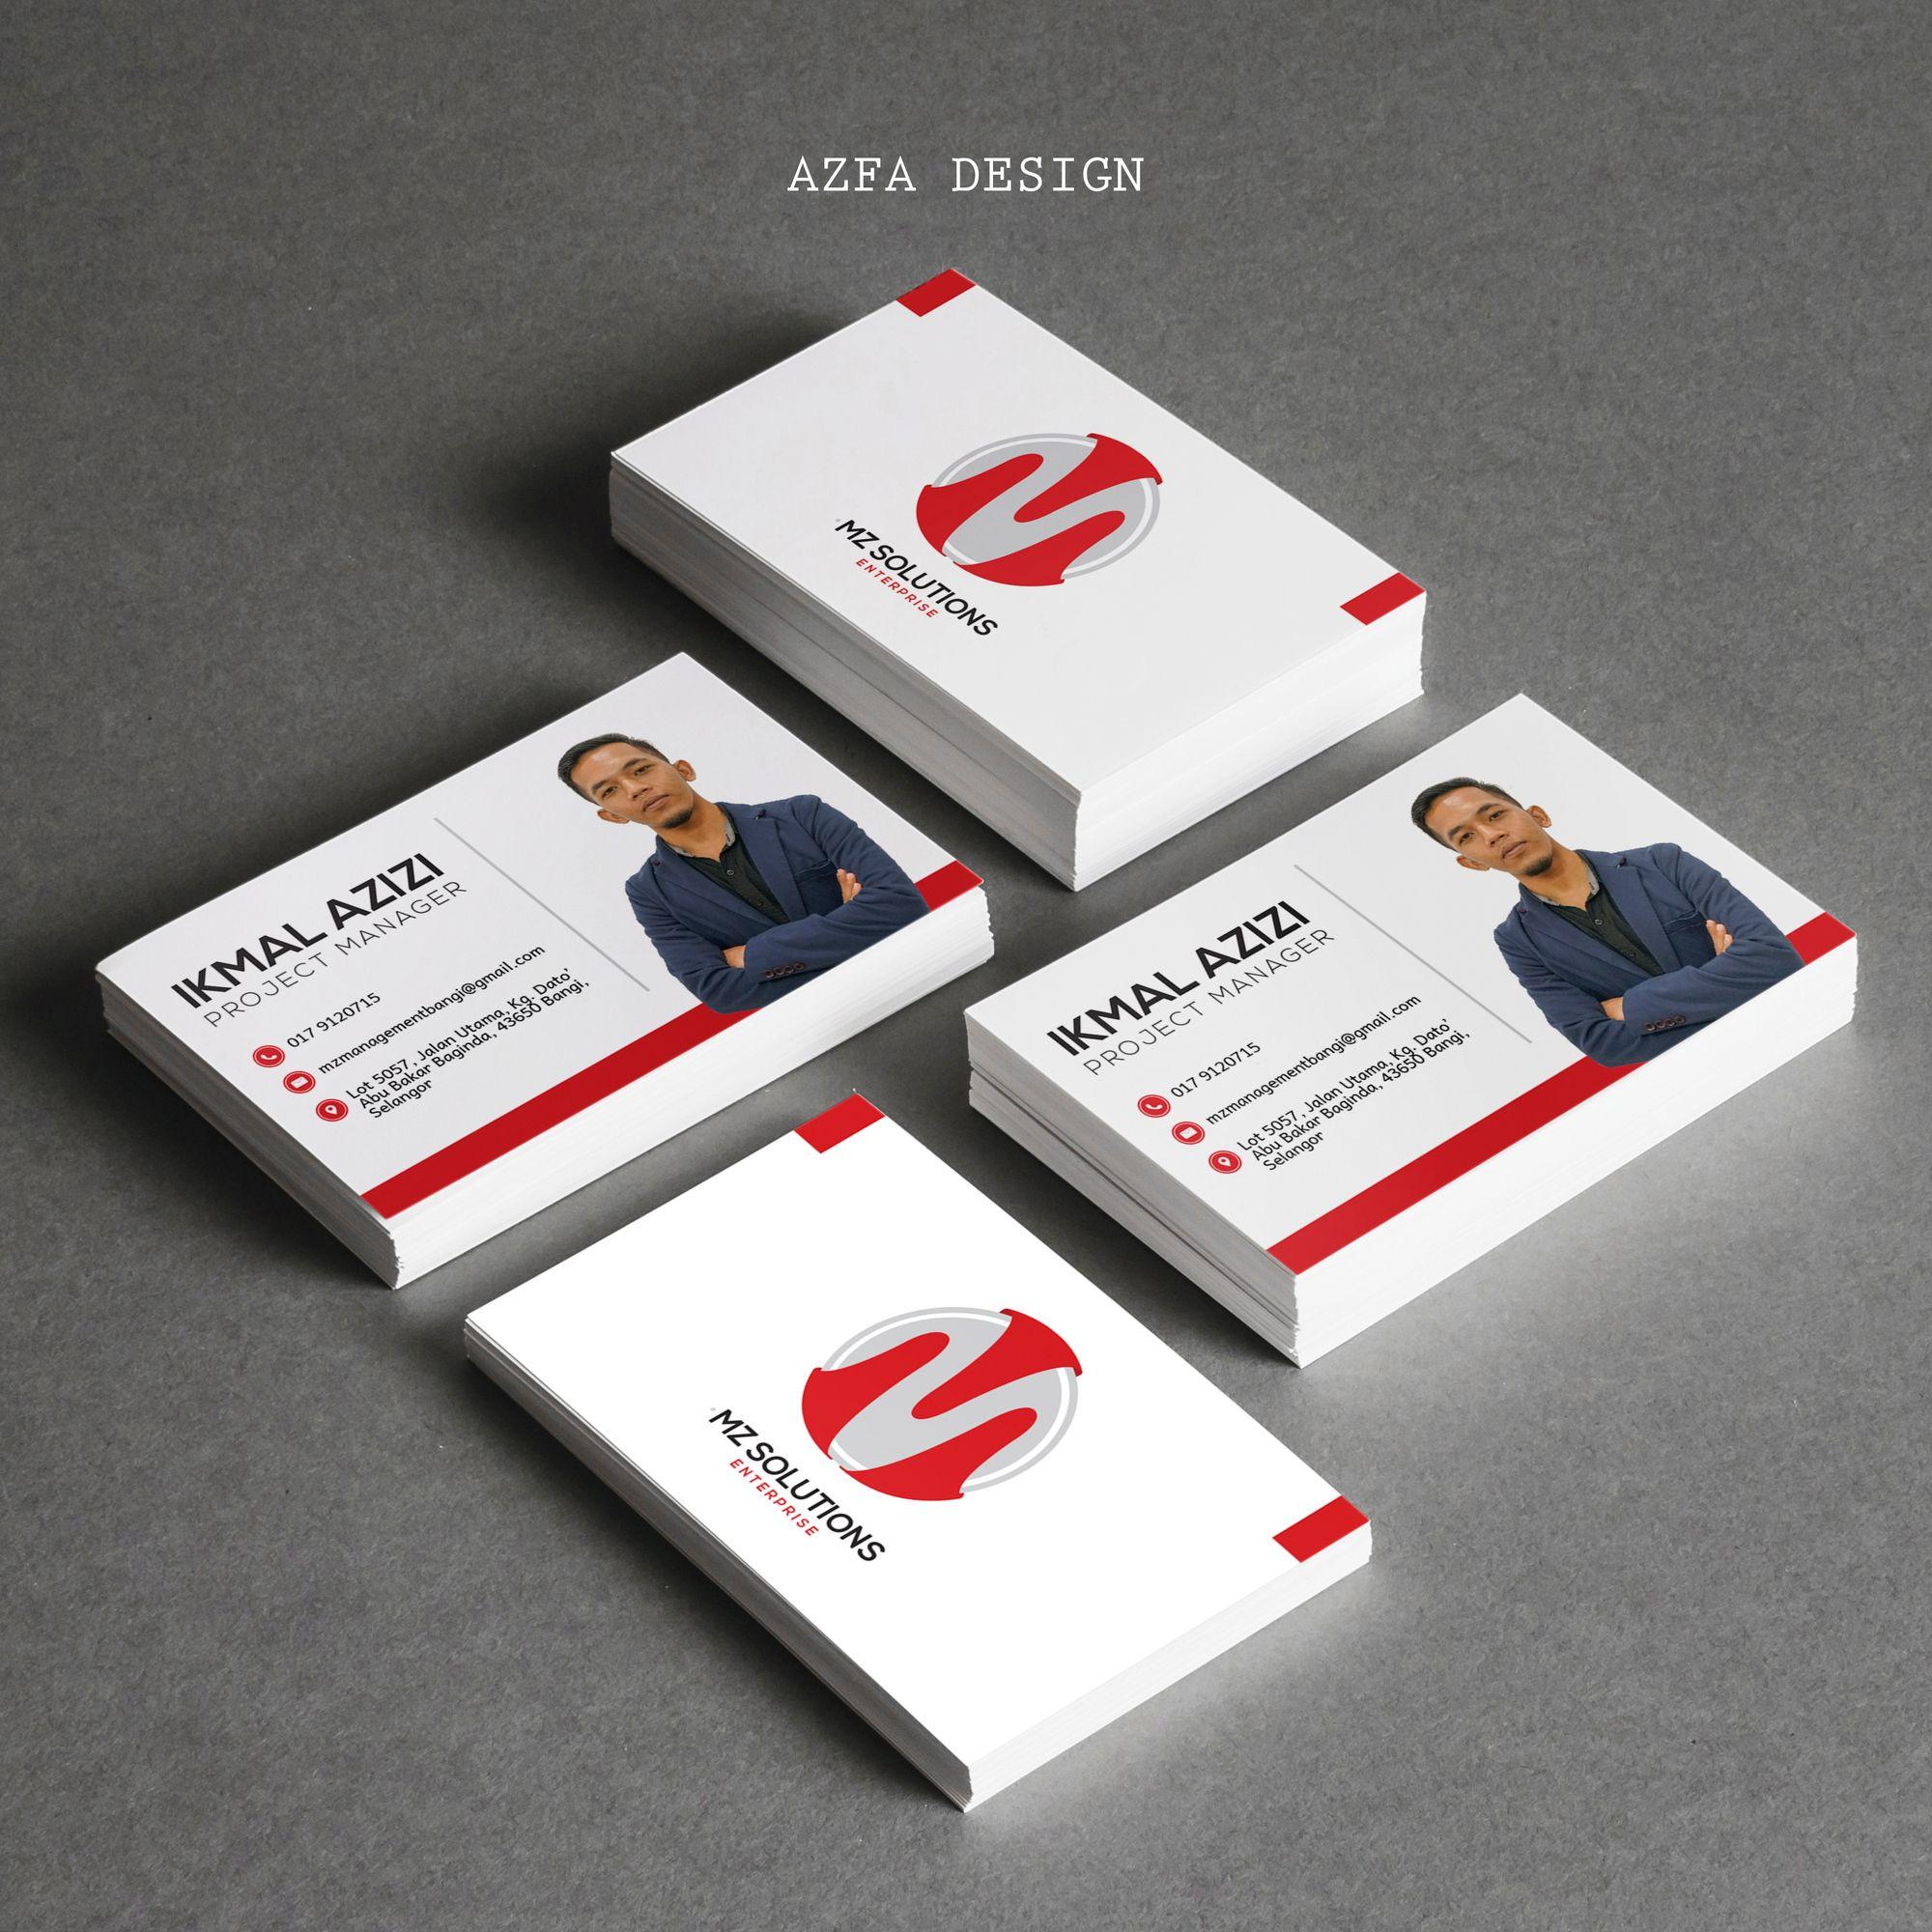 Azfadesign Businesscard Boleh Bagi Bisnes Kad Belum Ada Lagi Kenapa Perlu Ada Book Cover Business Cards Projects